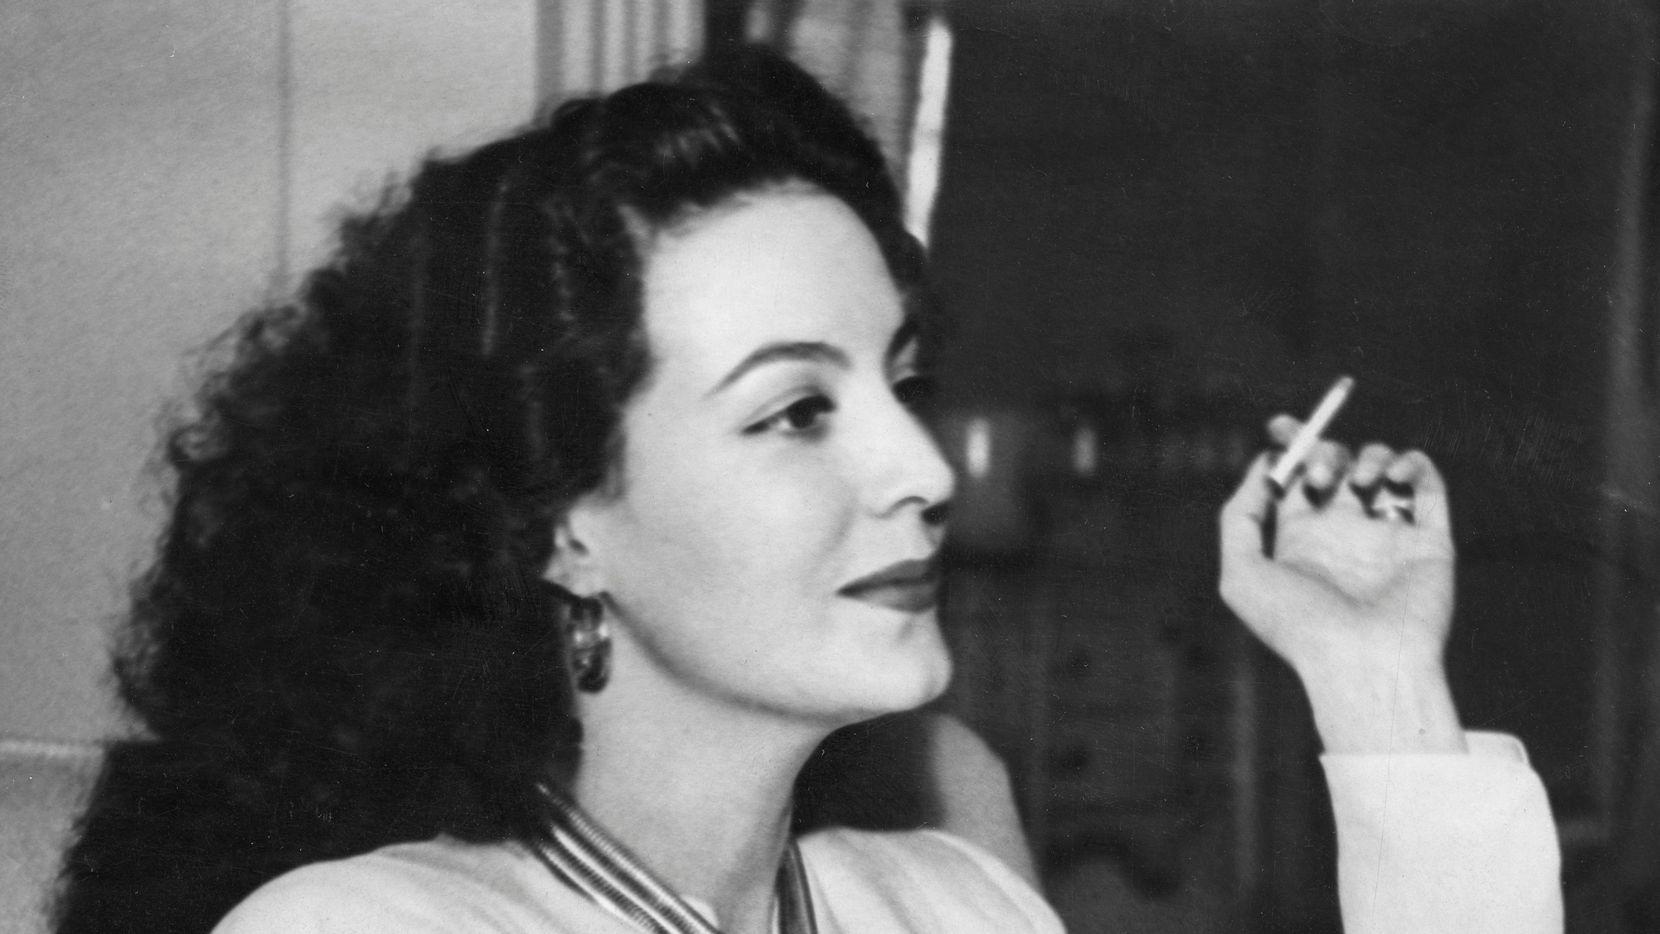 La actriz y cantante mexicana María Félix es la protagonista de 'La cucaracha'.